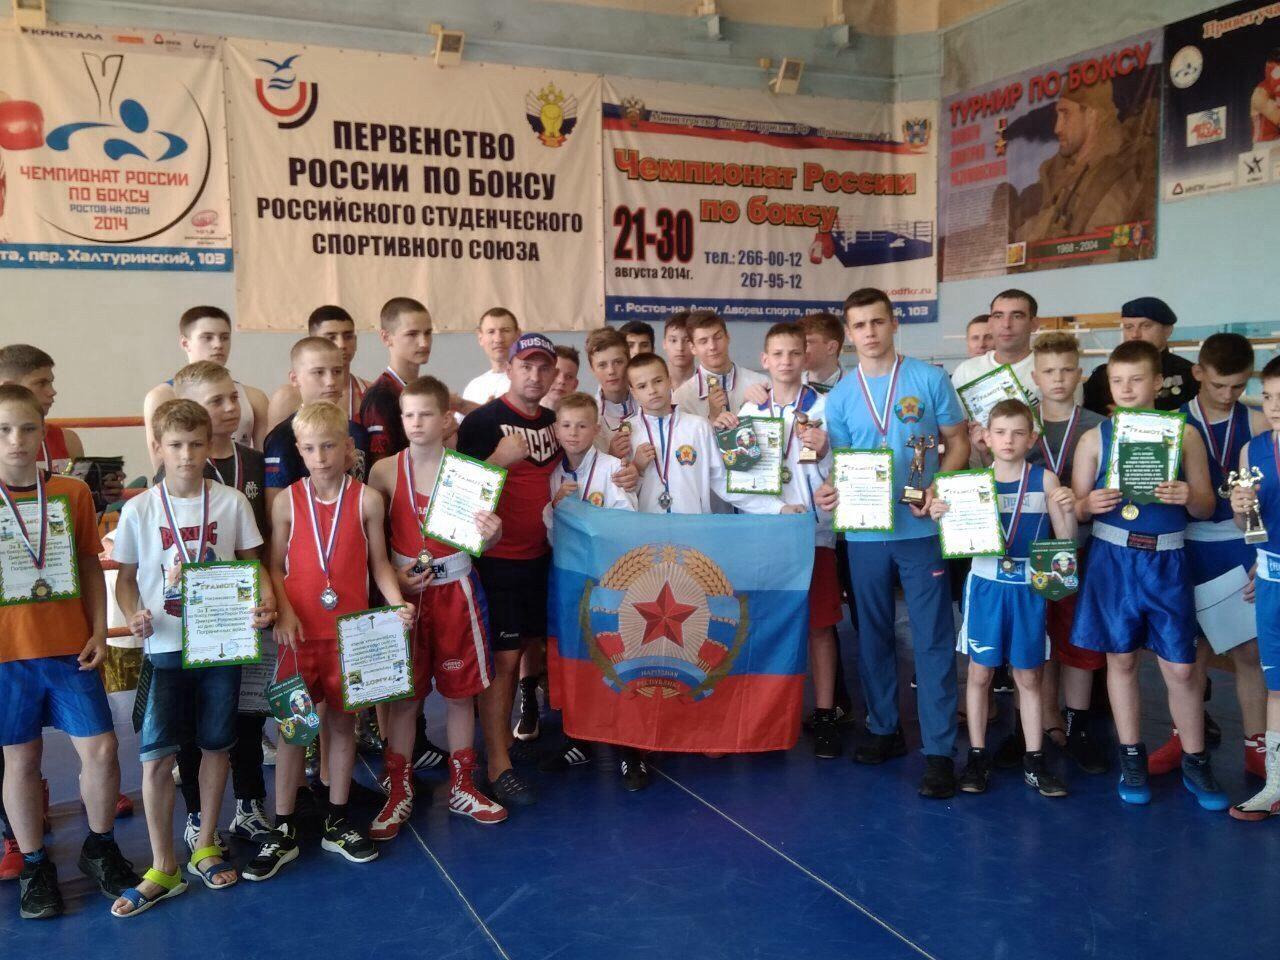 Боксеры Федерации бокса ЛНР завоевали 14 золотых медалей на турнирах в Краснодаре и Аксае